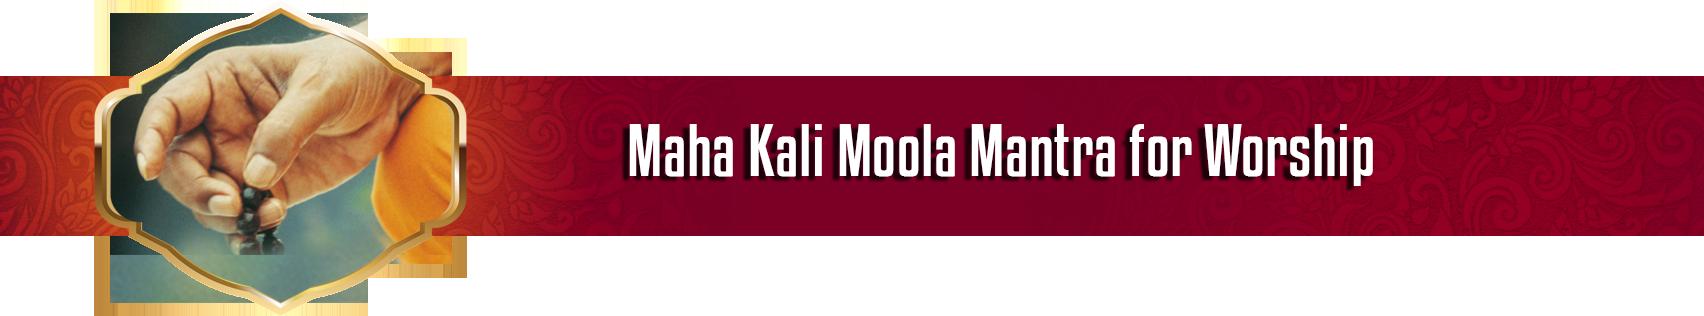 Ujjain Mahakali Moola Mantra